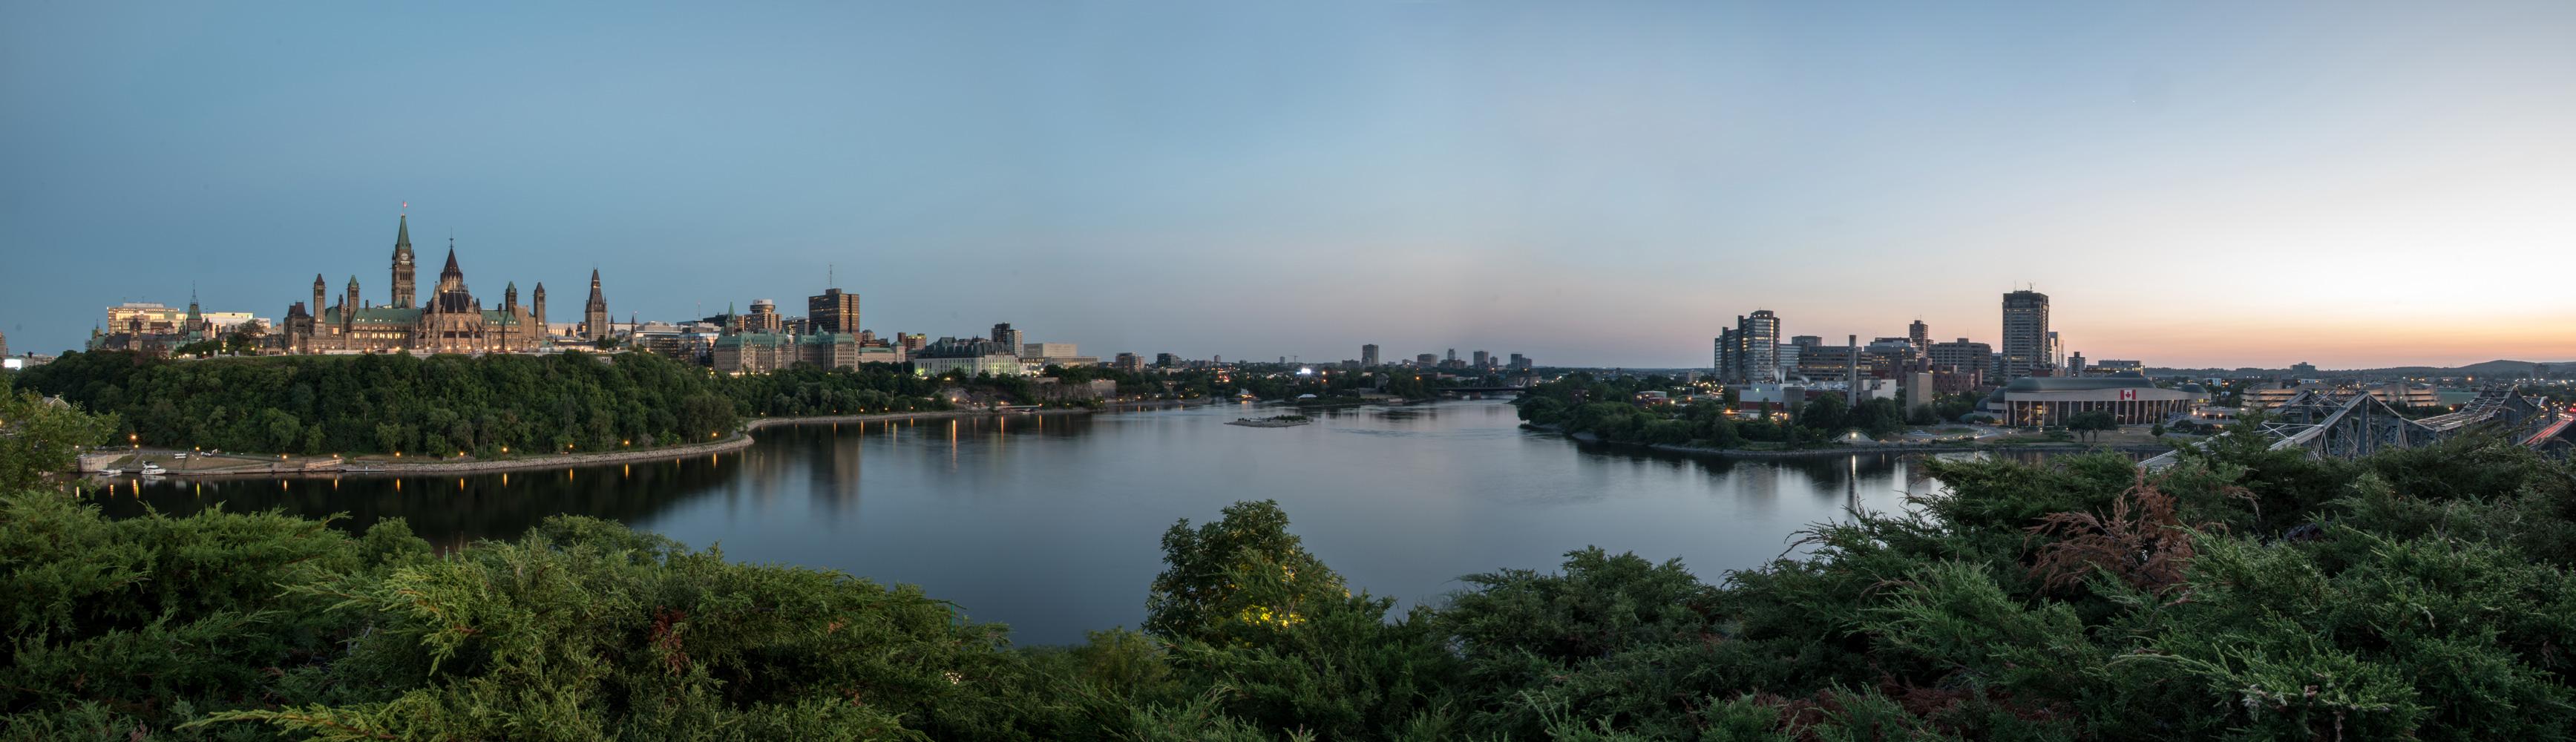 https://0901.nccdn.net/4_2/000/000/038/2d3/ottawa-river-panorama-1.jpg